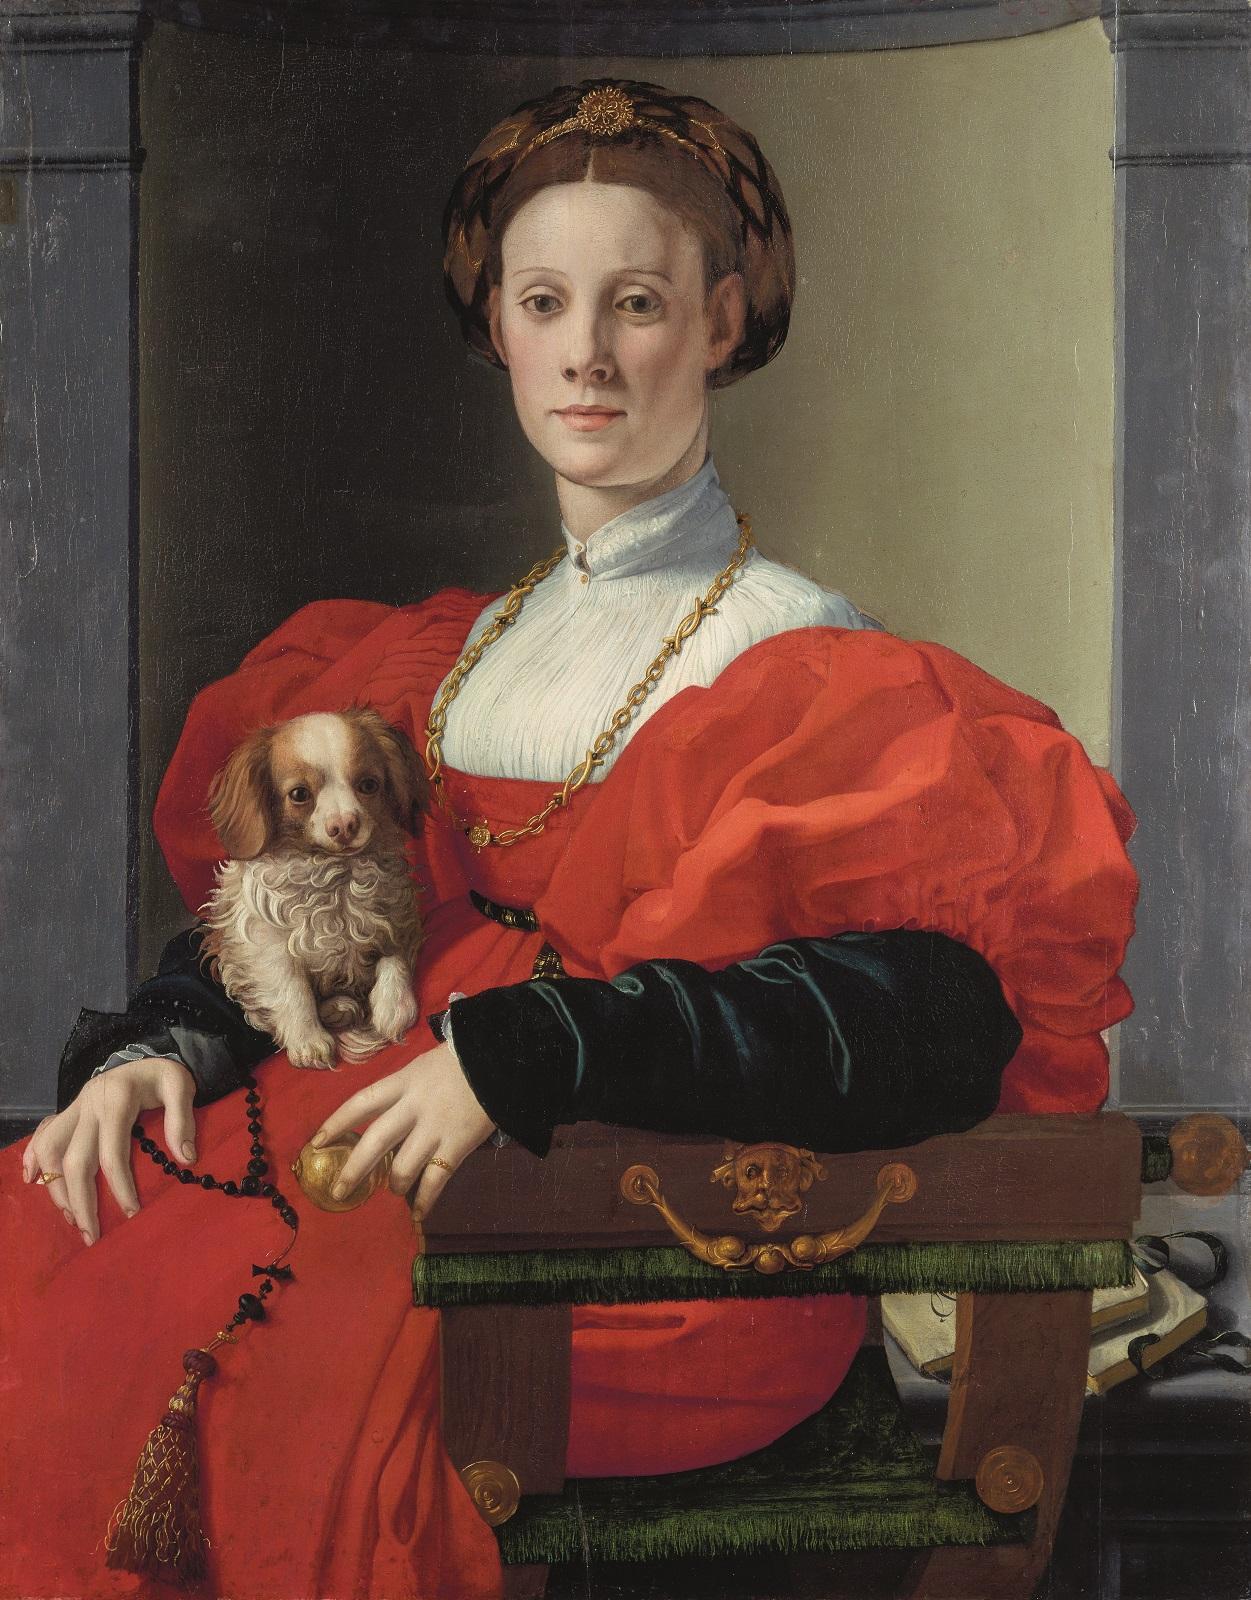 Bronzino (Agnolo di Cosimo, dit) Florence, 1503 – 1572 Portrait d'une dame en rouge (détail) Vers 1525 – 1530, huile sur bois, 89,8 x 70,5 cm Francfort-sur-le-Main, Städel Museum © Städel Museum - U. Edelmann / ARTOTHEK